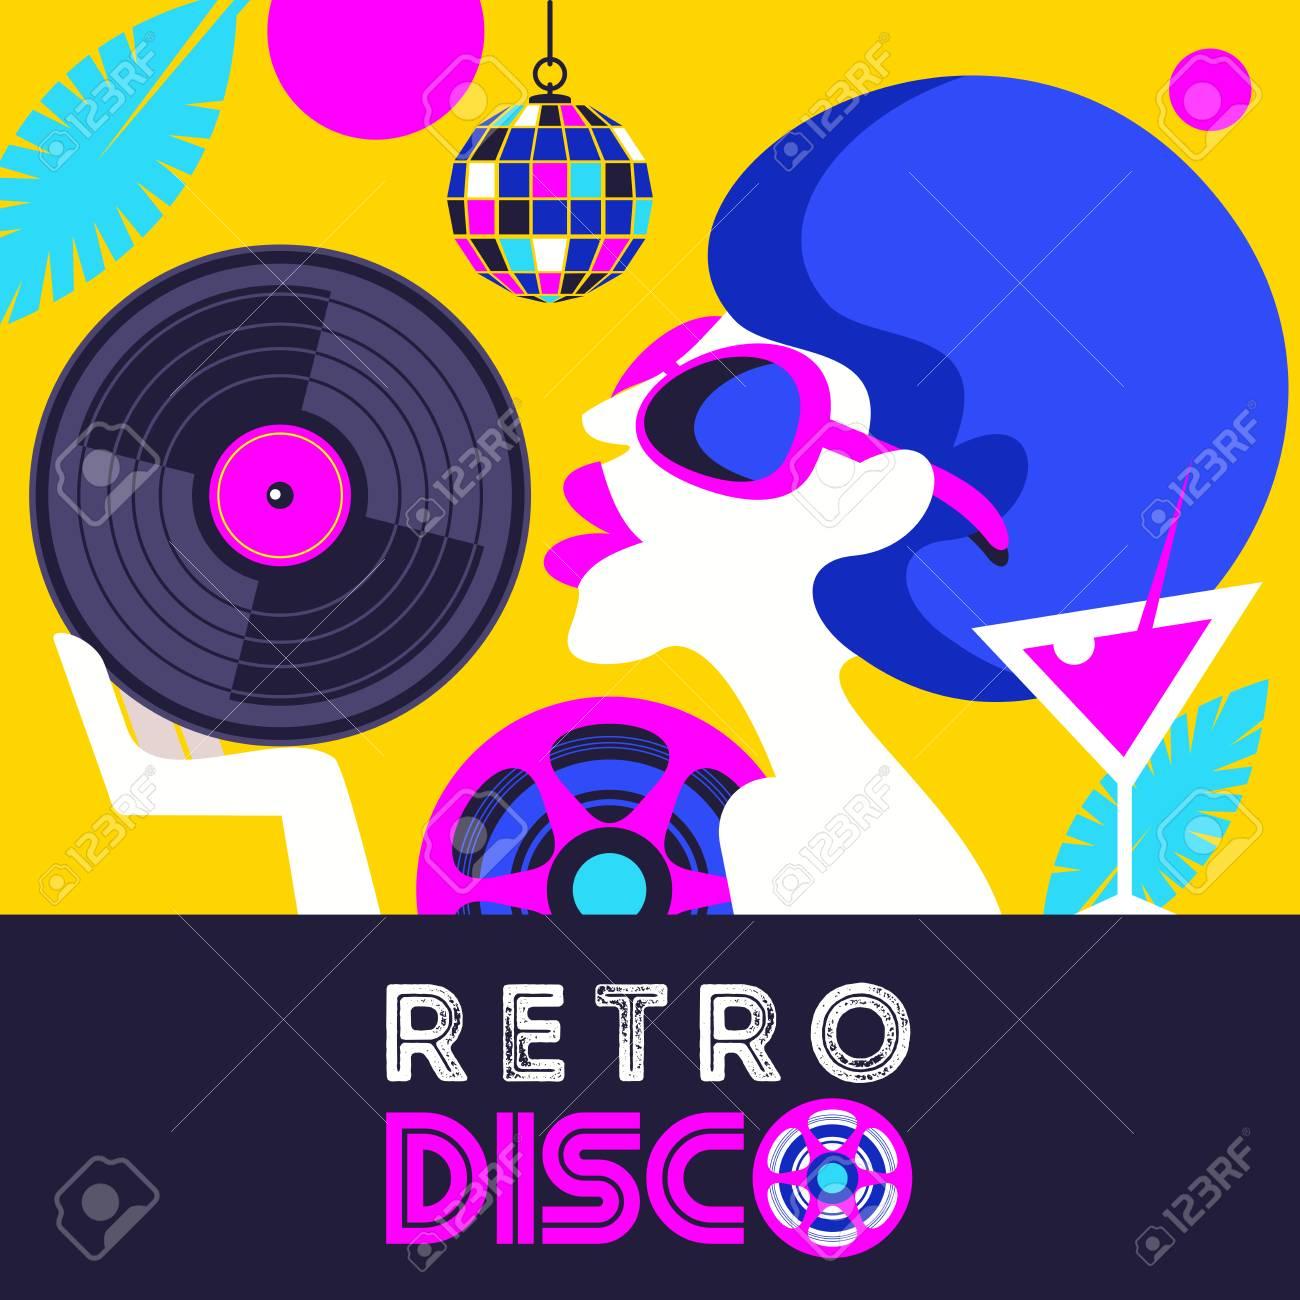 Super Retro Disco Party. Colorful Vector Illustration, Poster. Beautiful RI-23